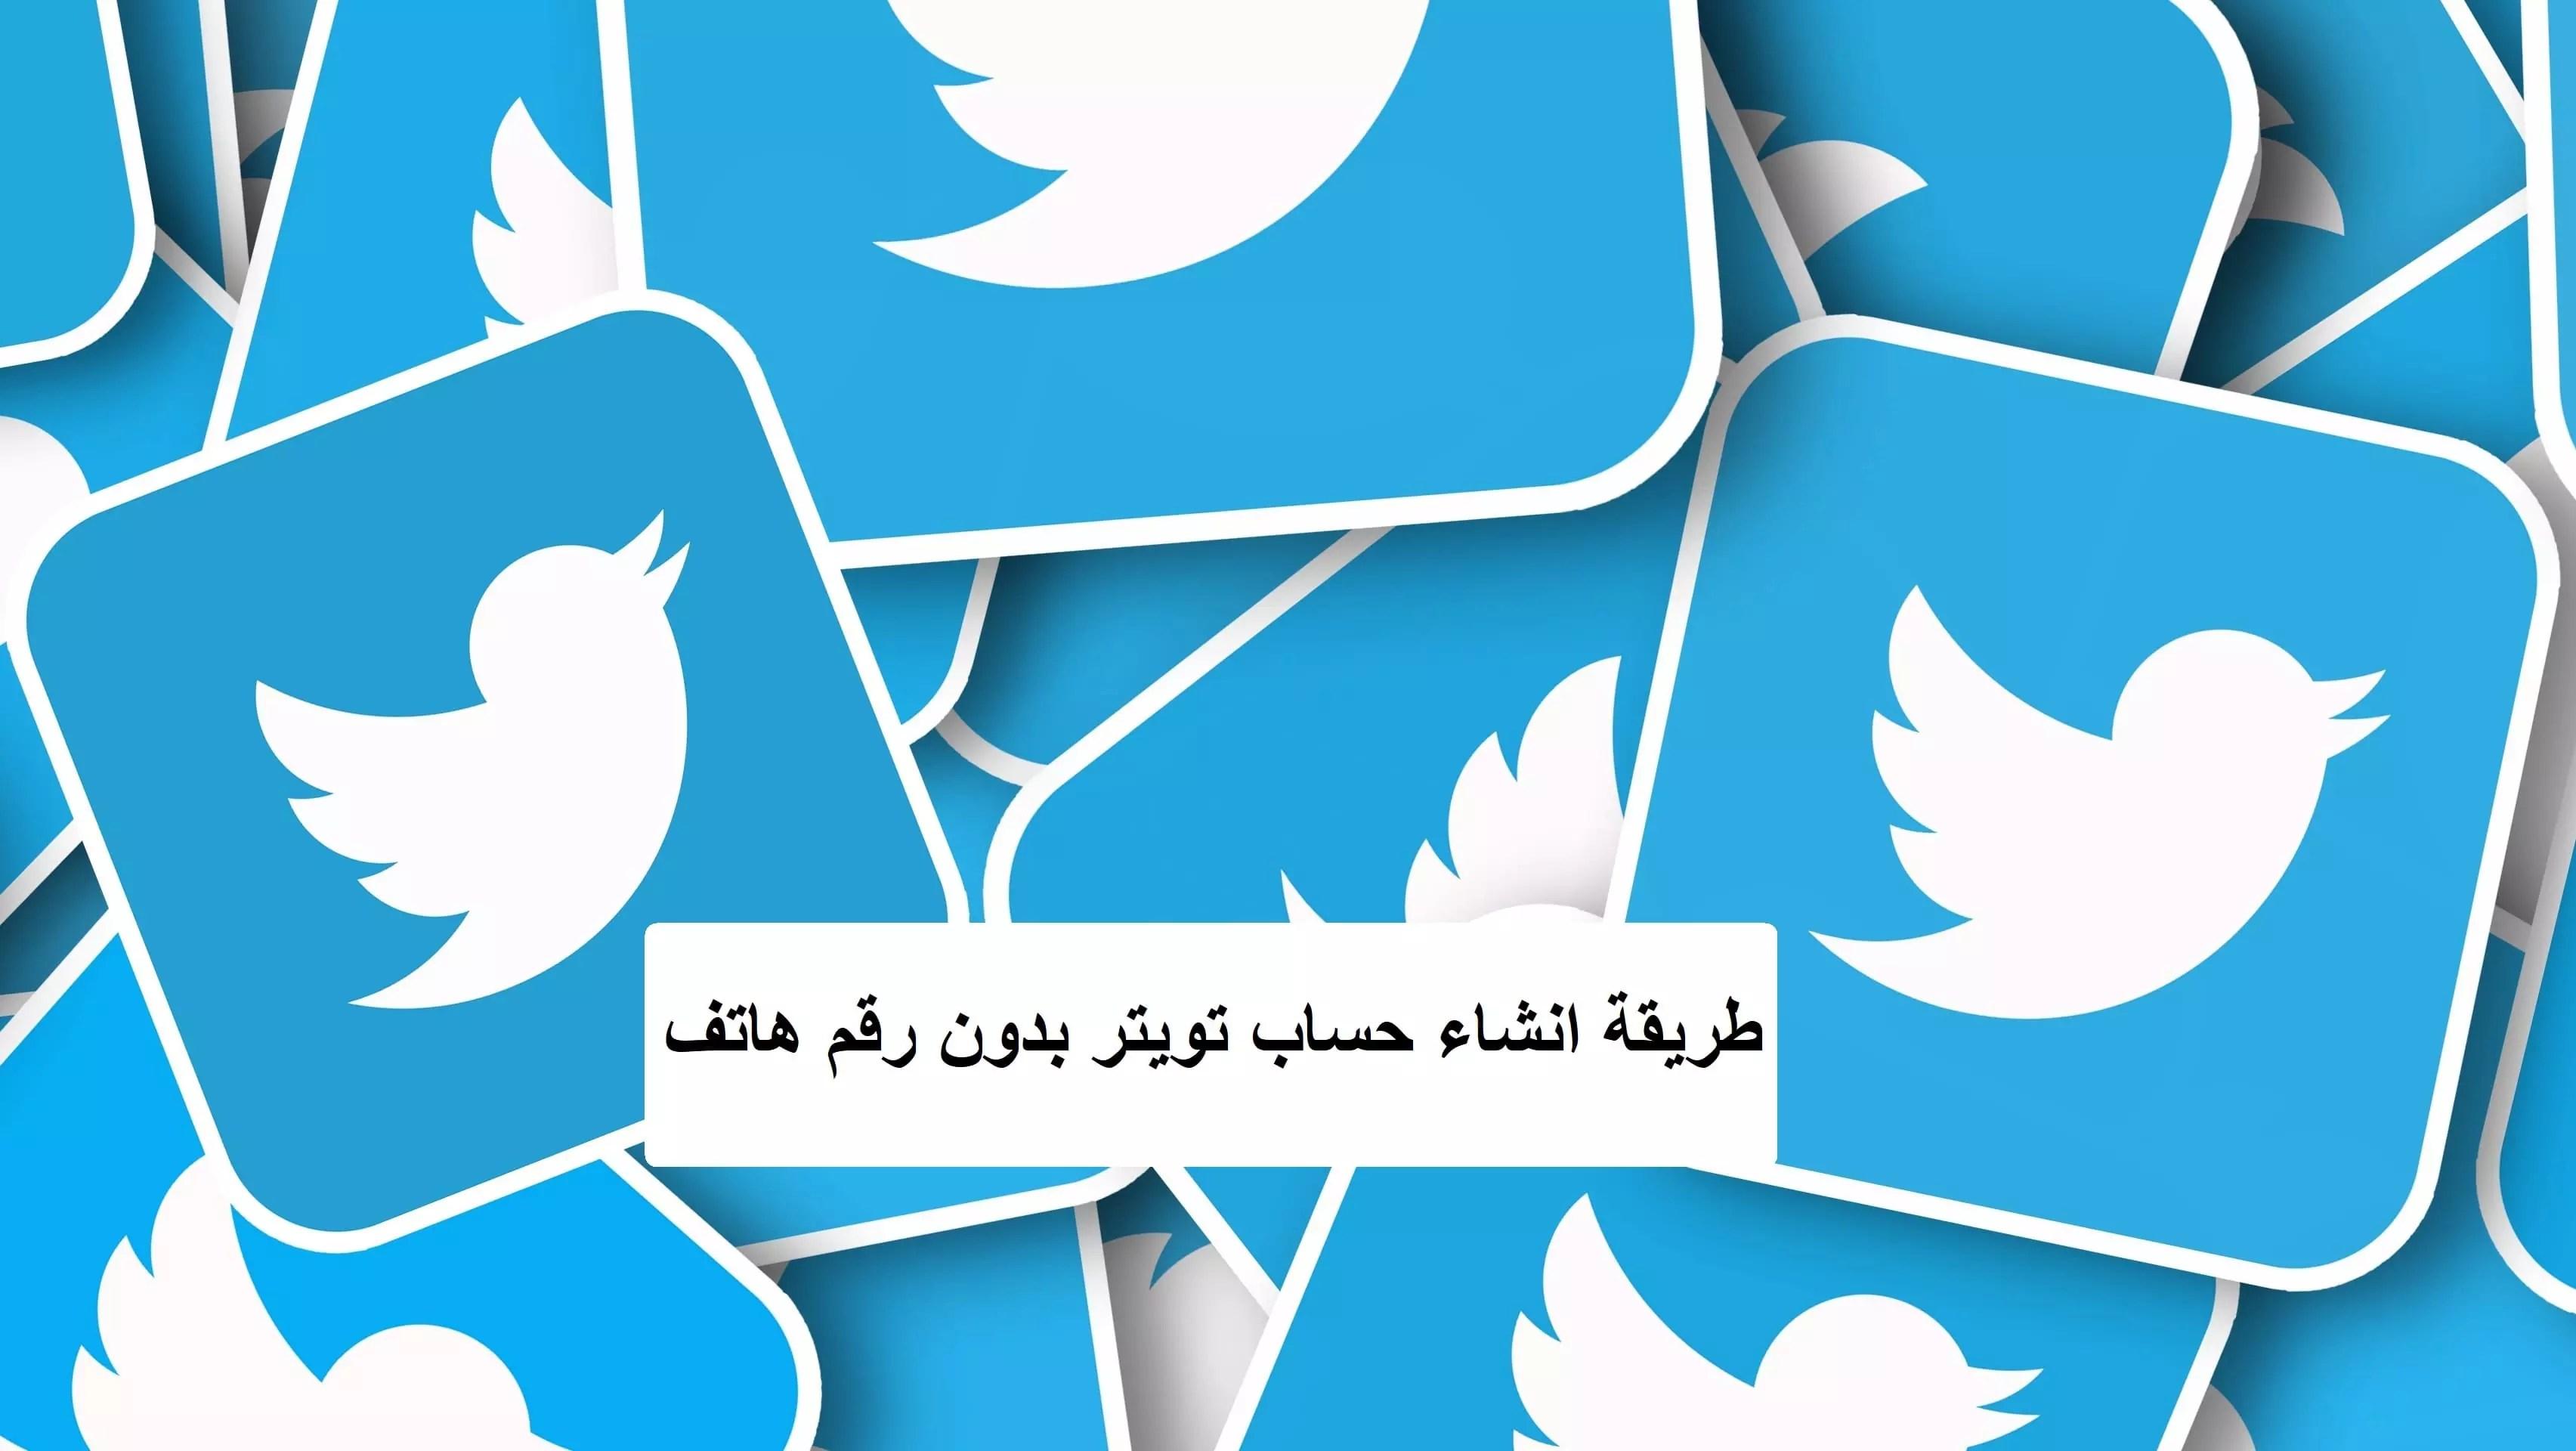 استخدام موقع تويتر